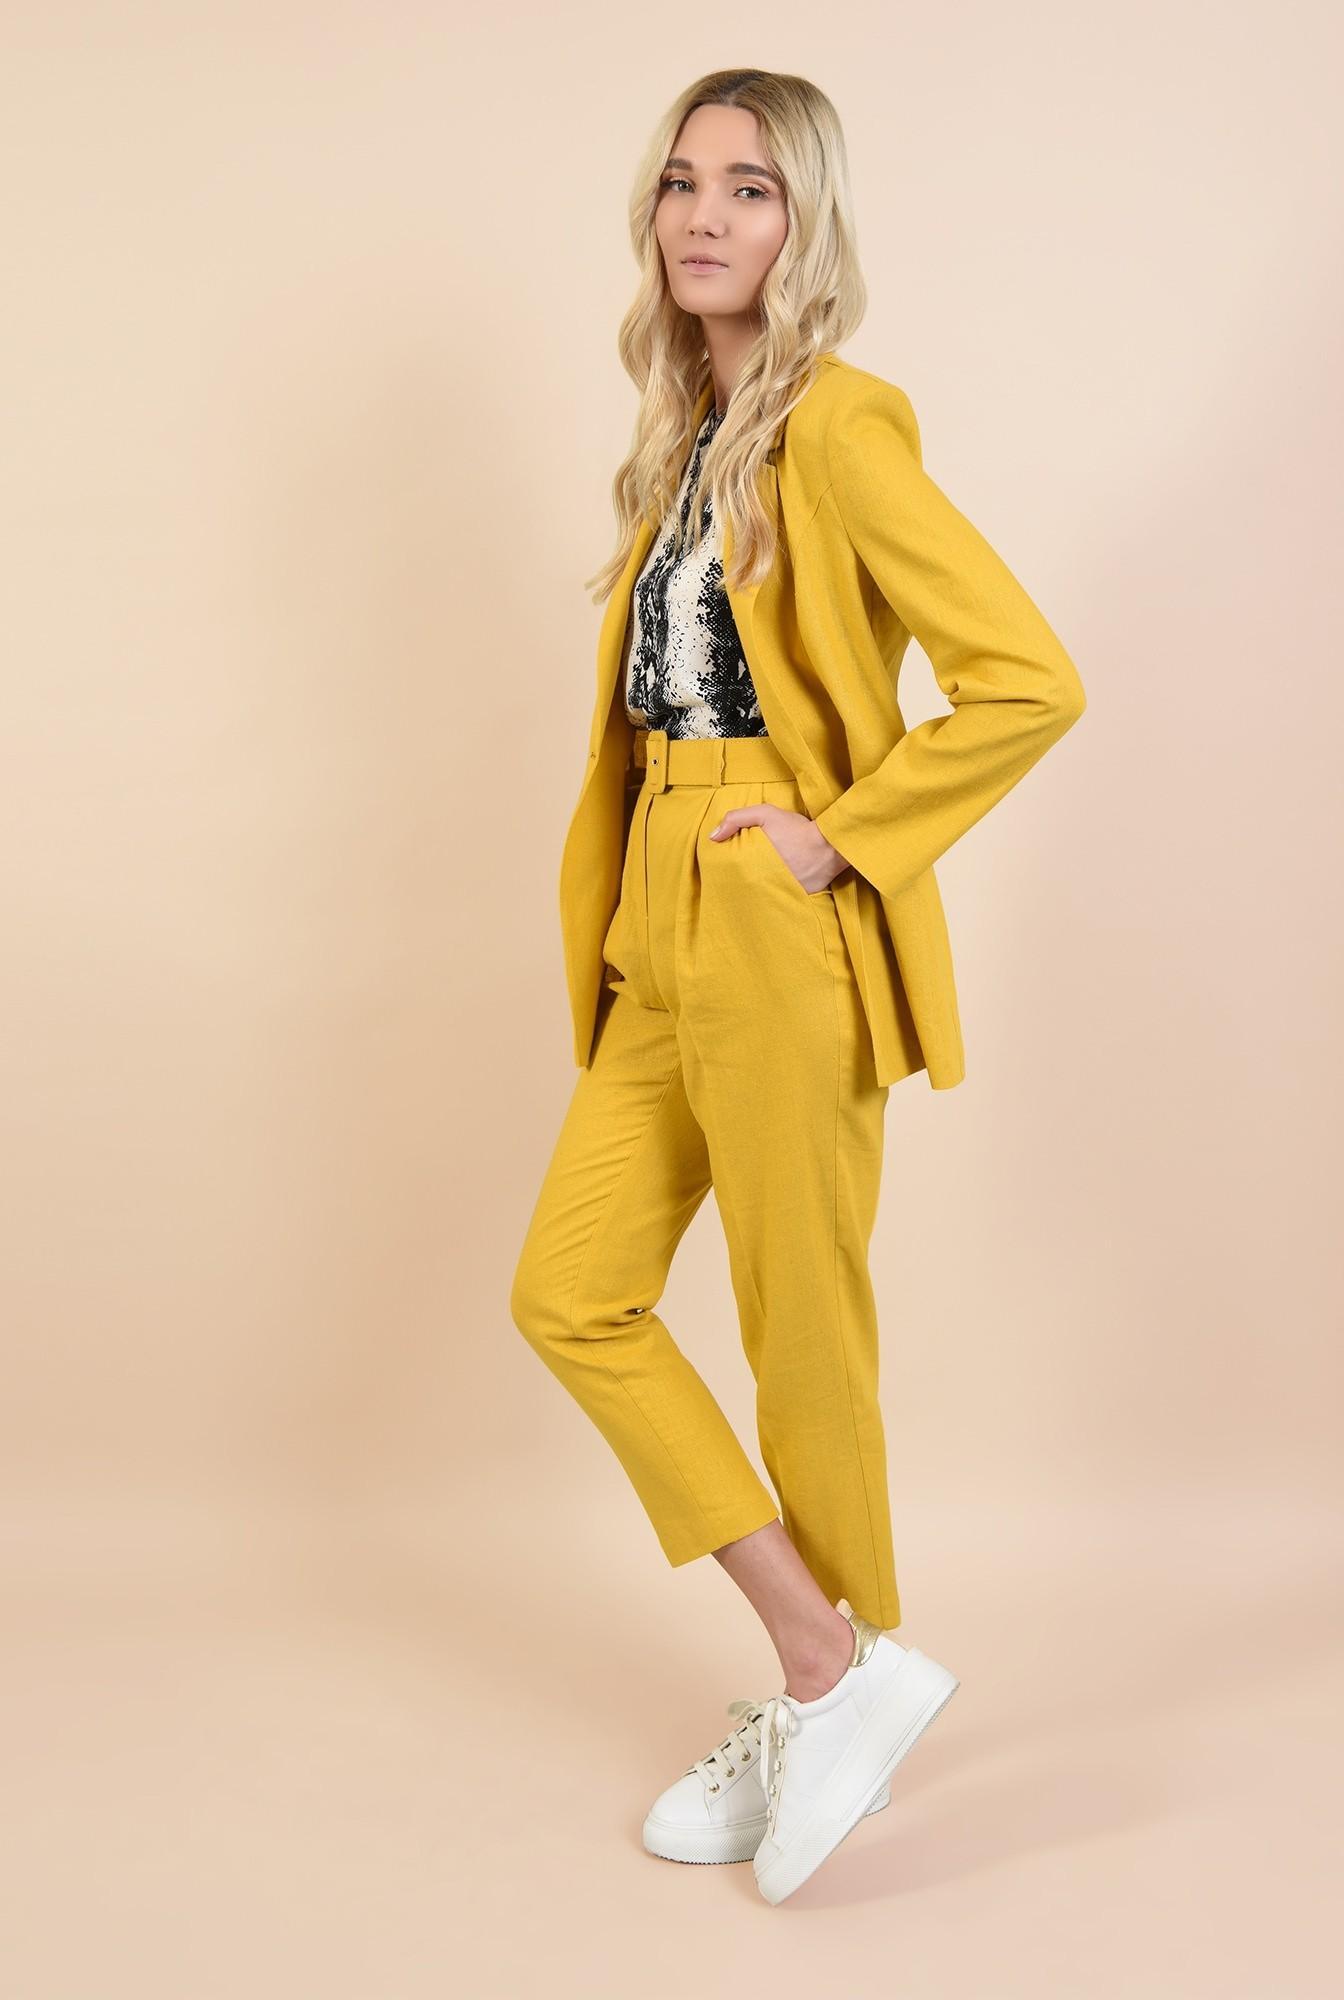 0 - pantaloni conici, mustar, Poema, cu curea lata, pantaloni online